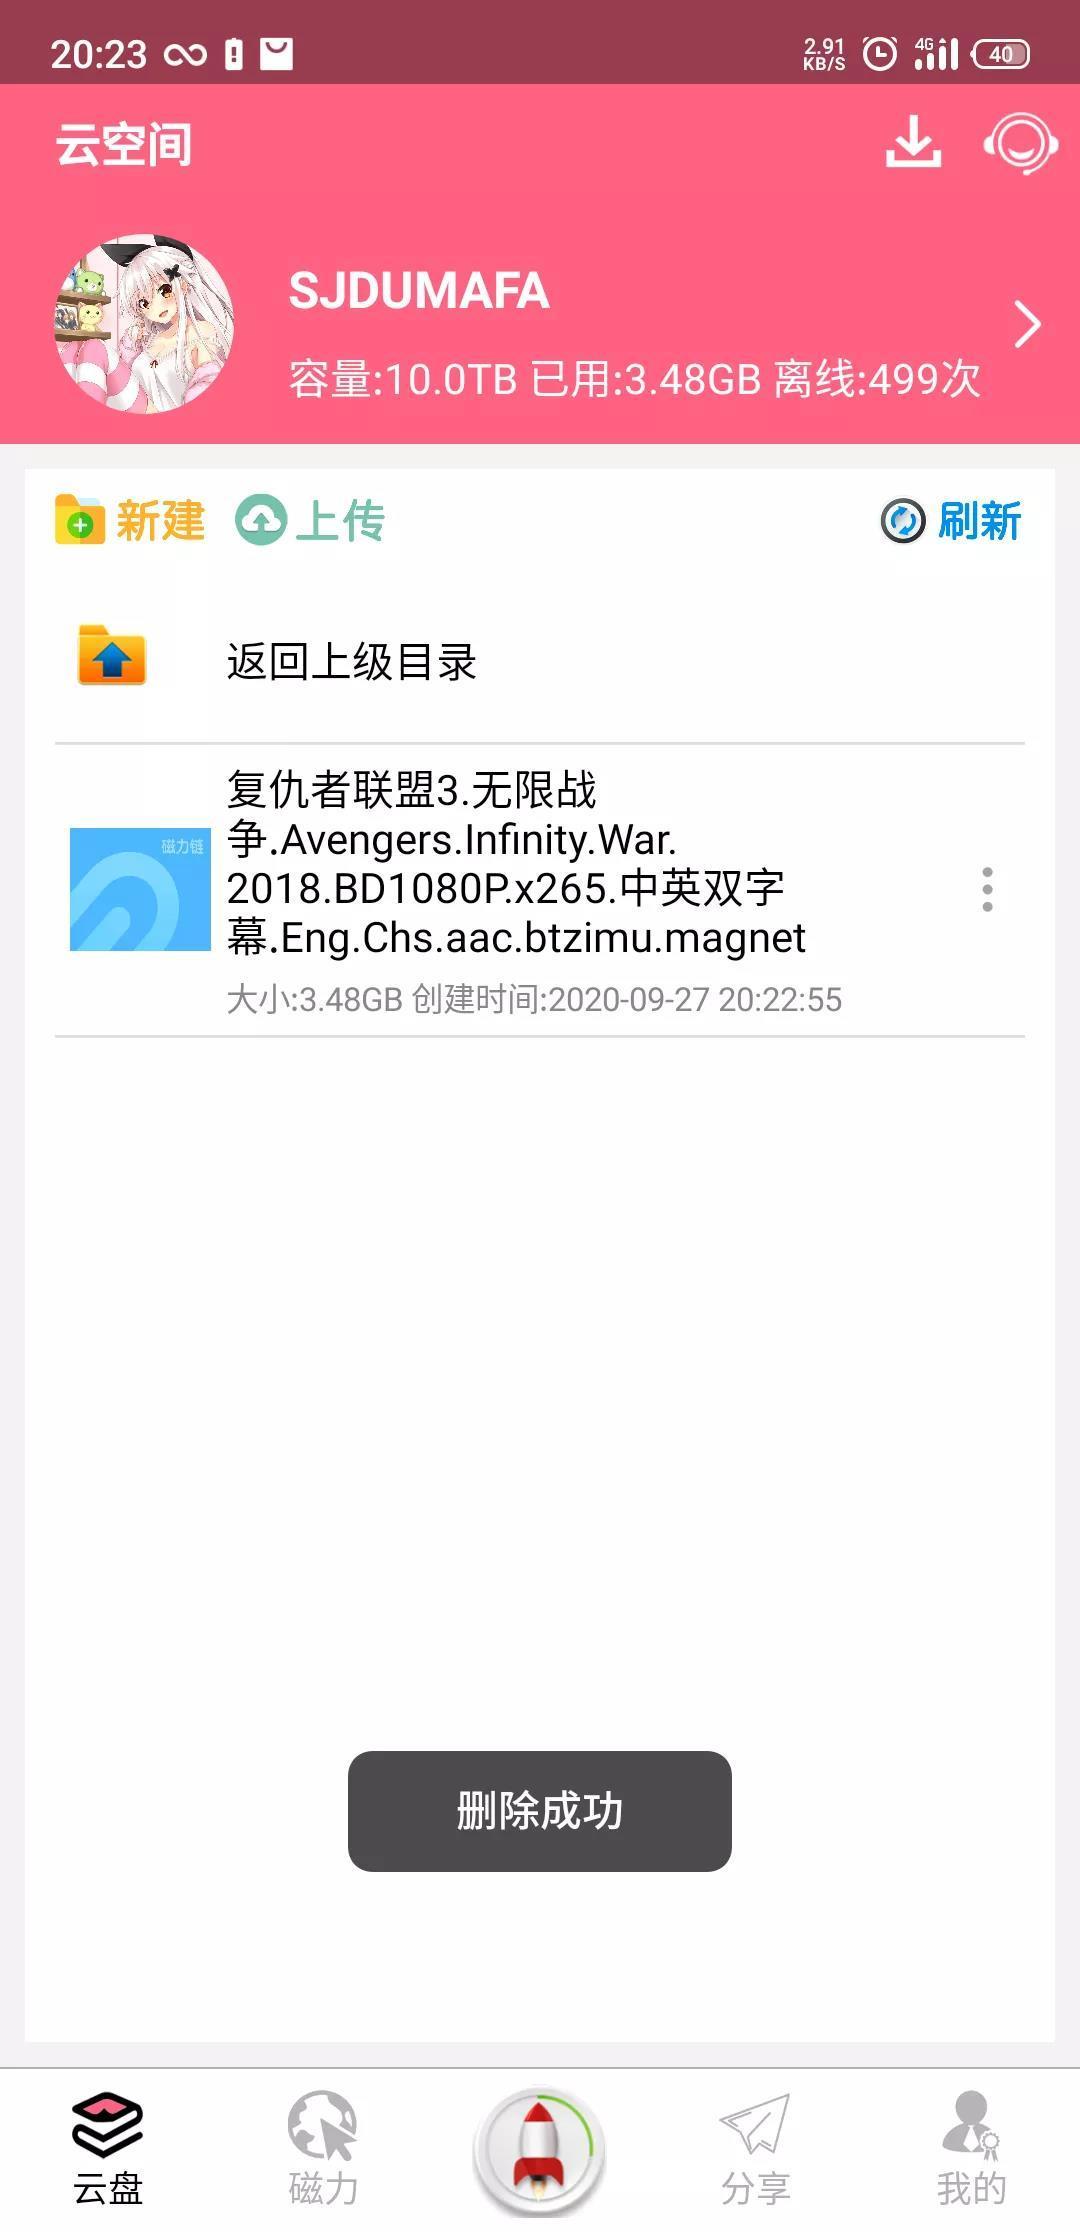 6004f2583ffa7d37b3e9f5ad 神级种子资源储存App--磁力云